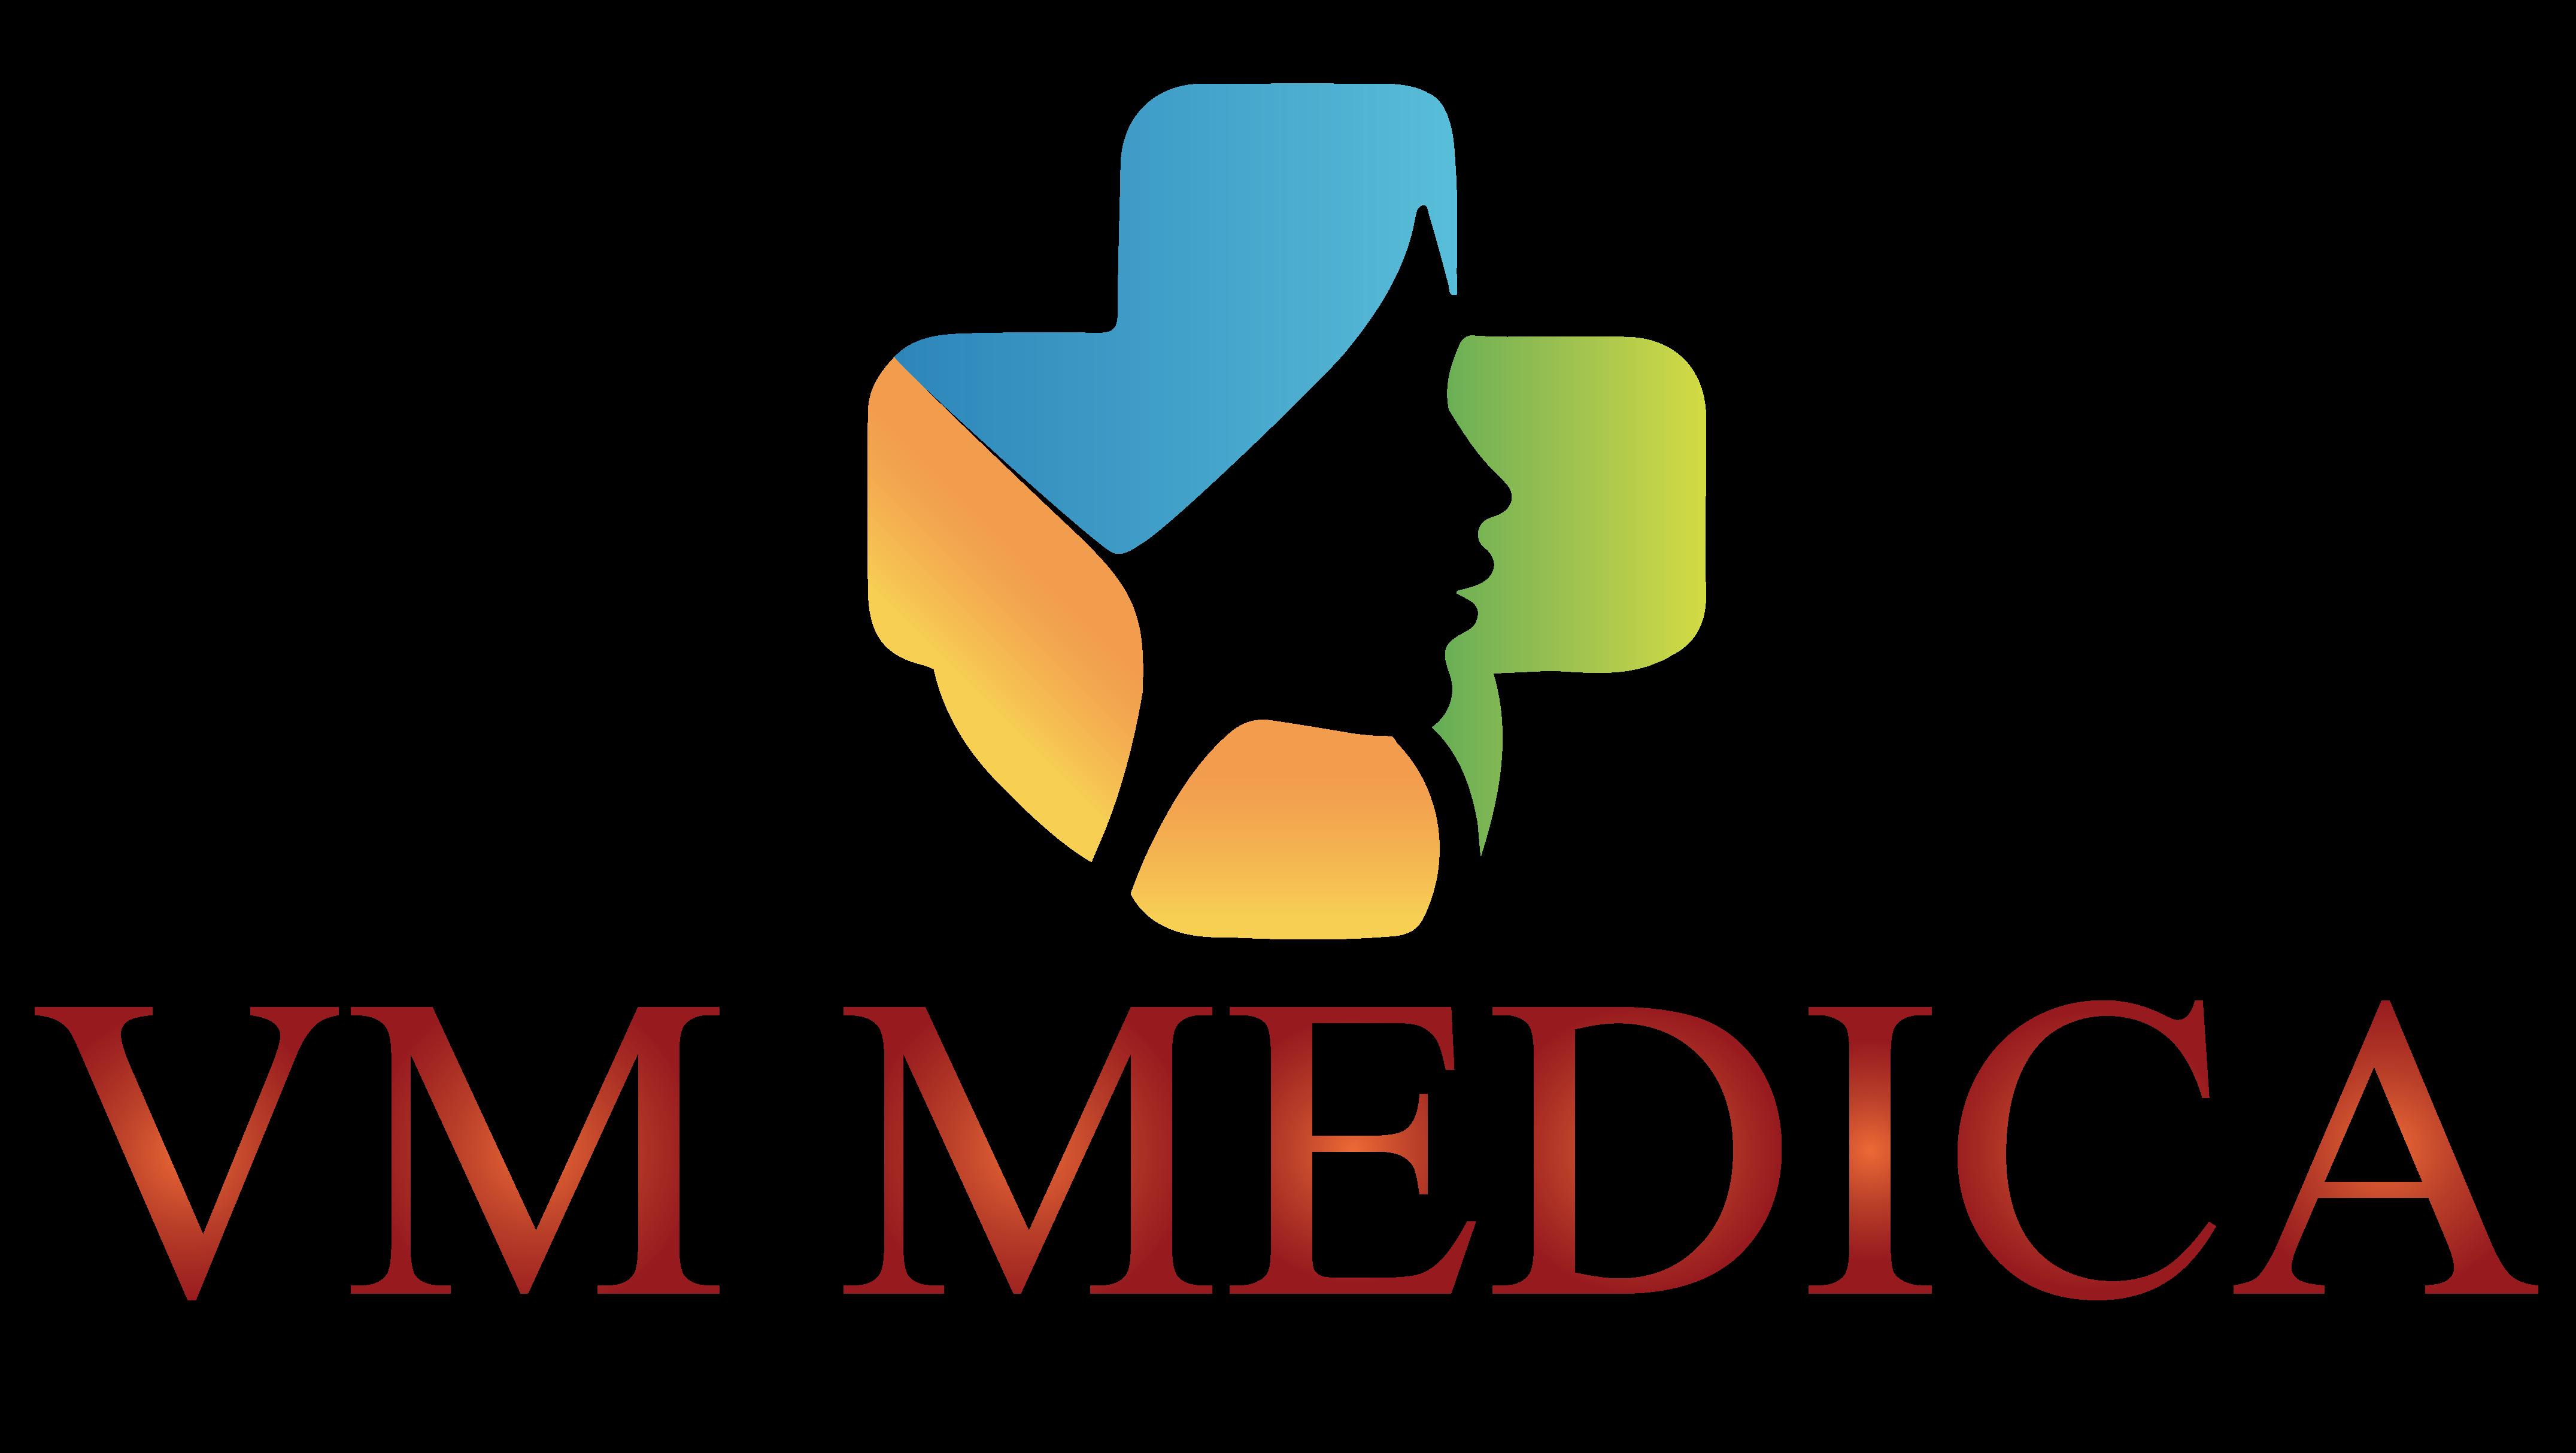 VM MEDICA